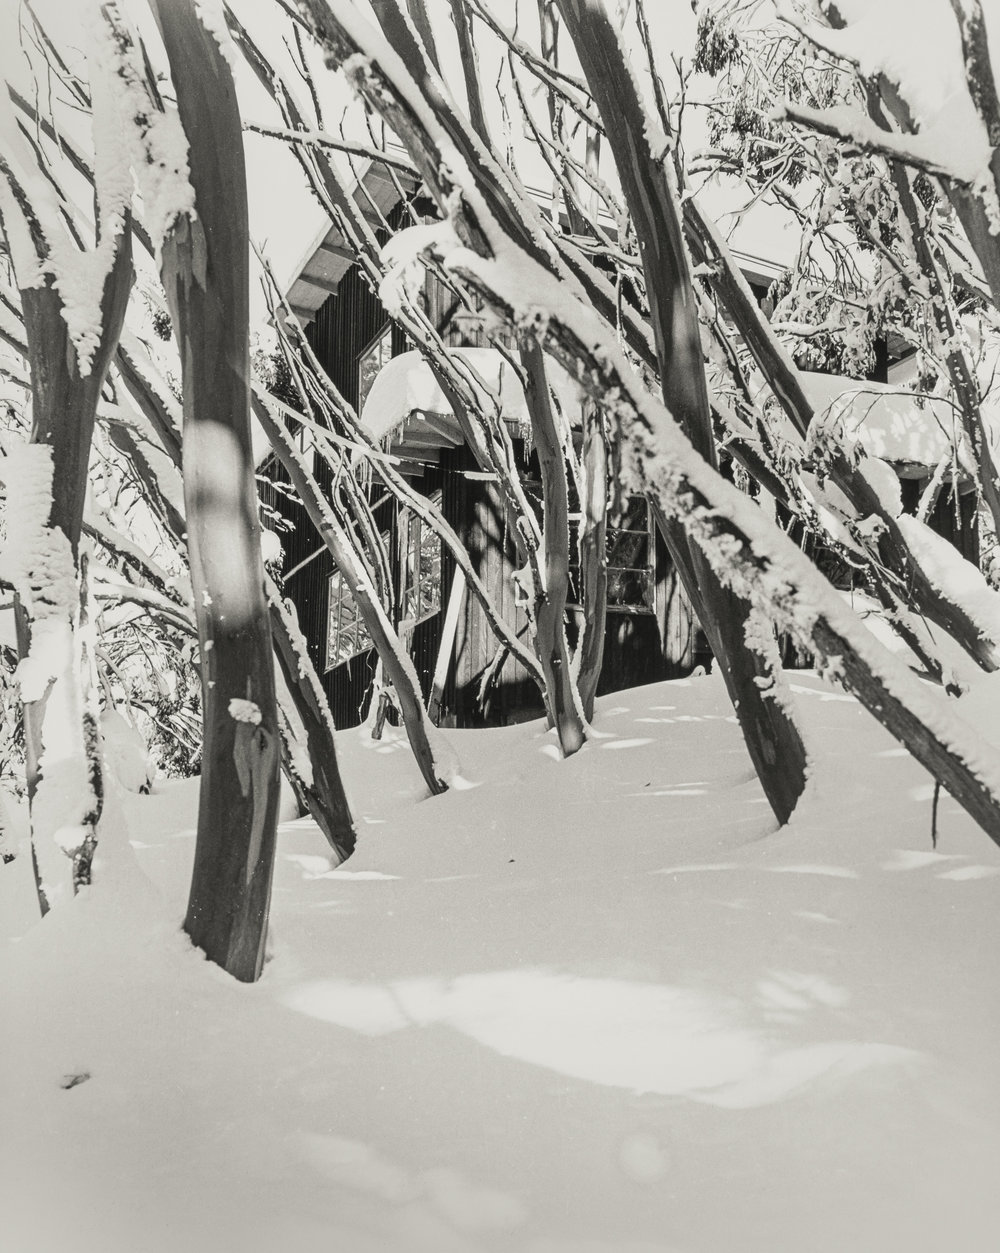 Reindeer_Ski_Club_photo-Eric_Burt-002-Sepia.jpg